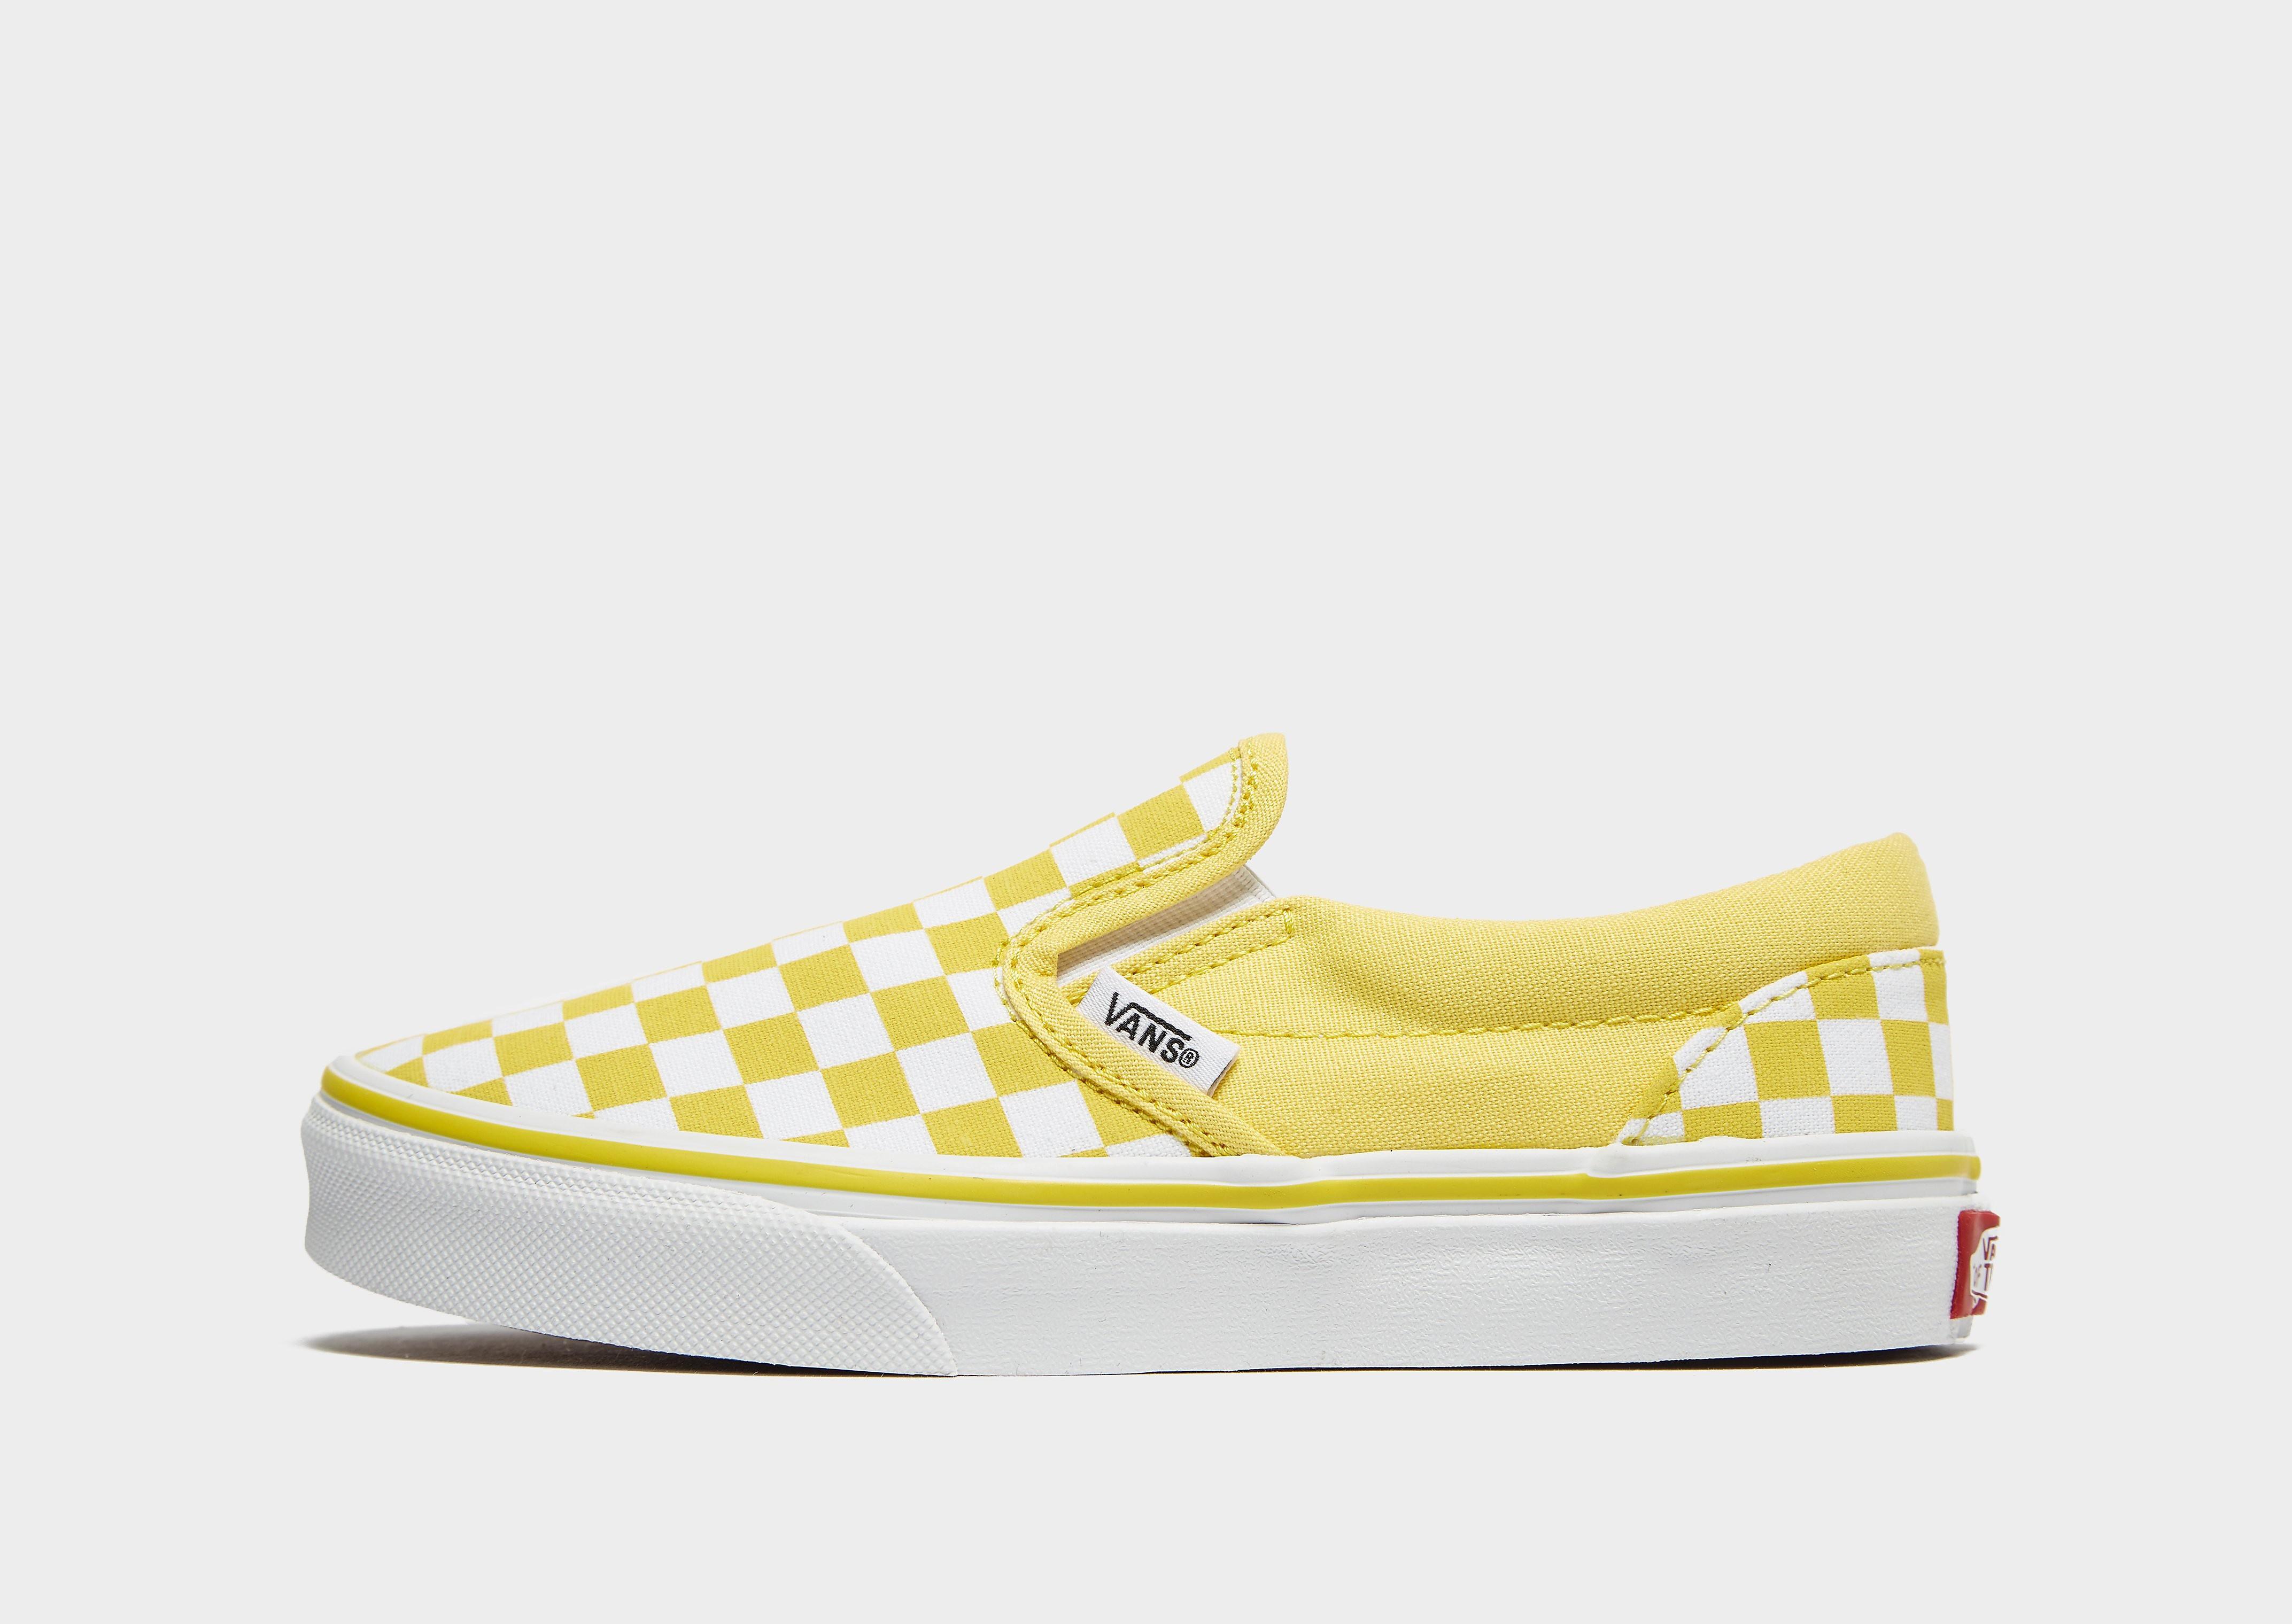 Vans Classic Slip-On kindersneaker geel en wit